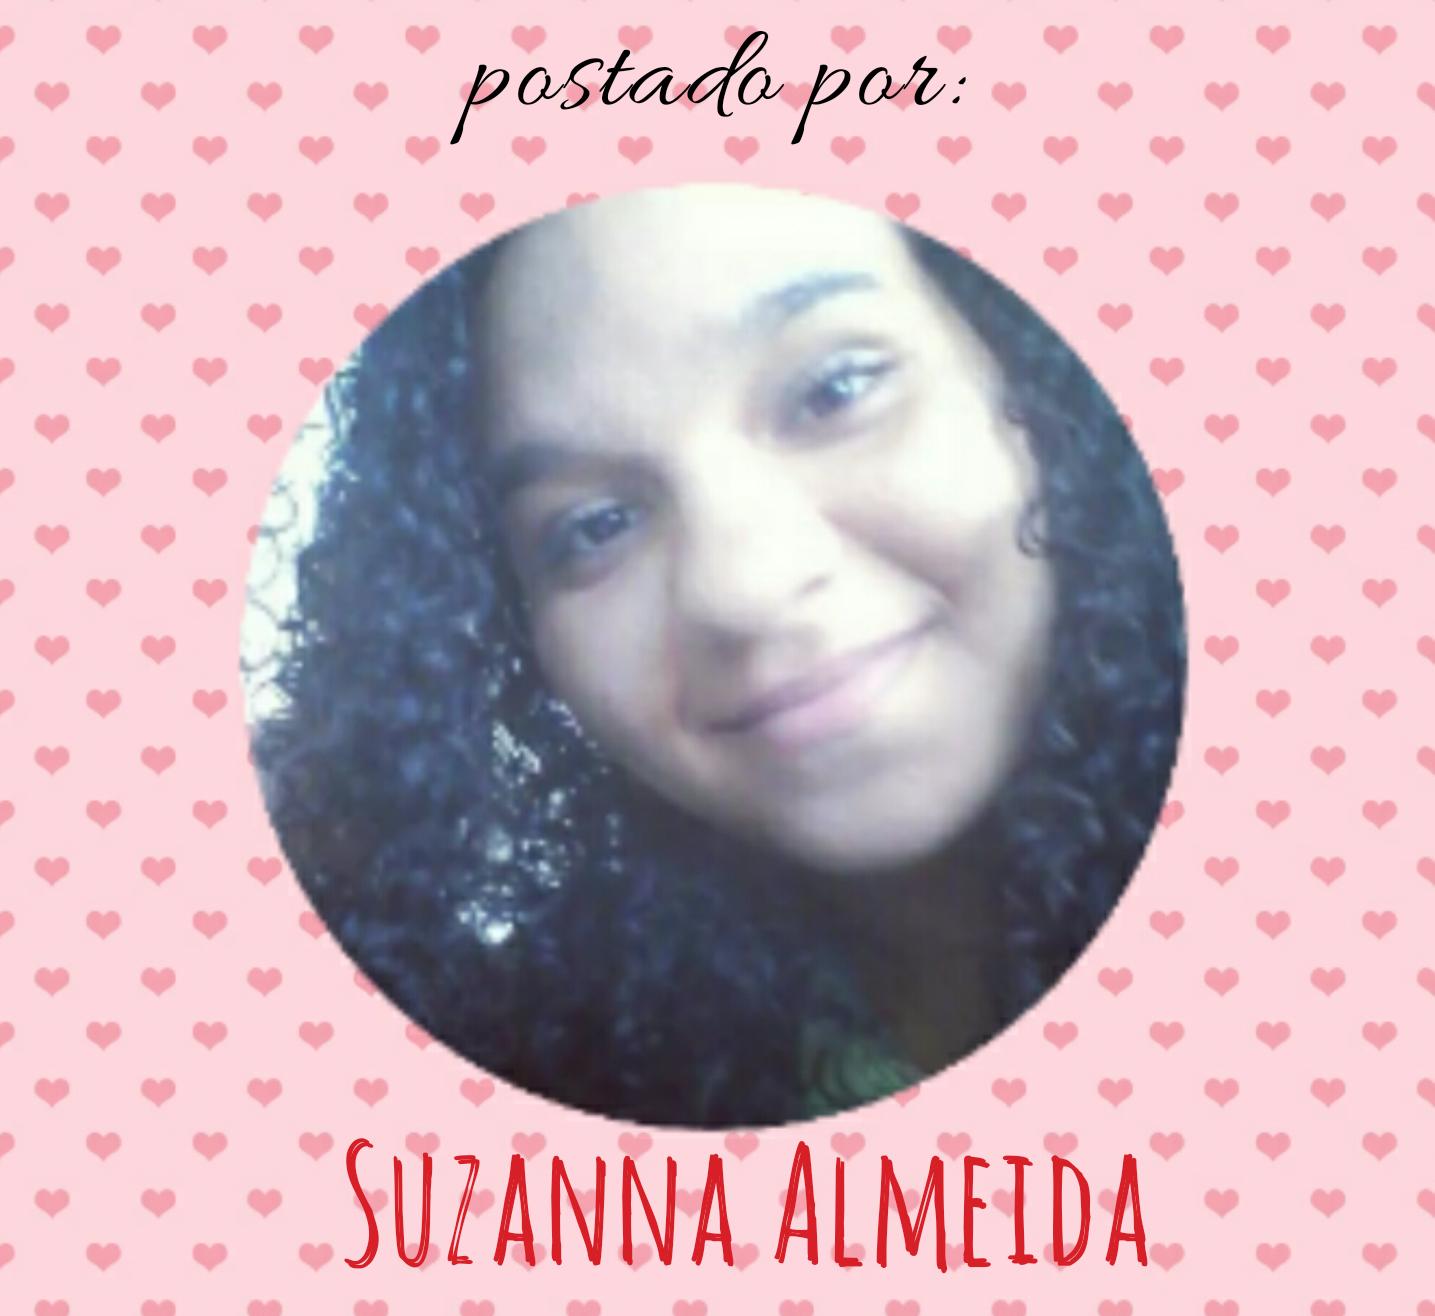 https://www.facebook.com/suzanna.almeida.1?fref=ts